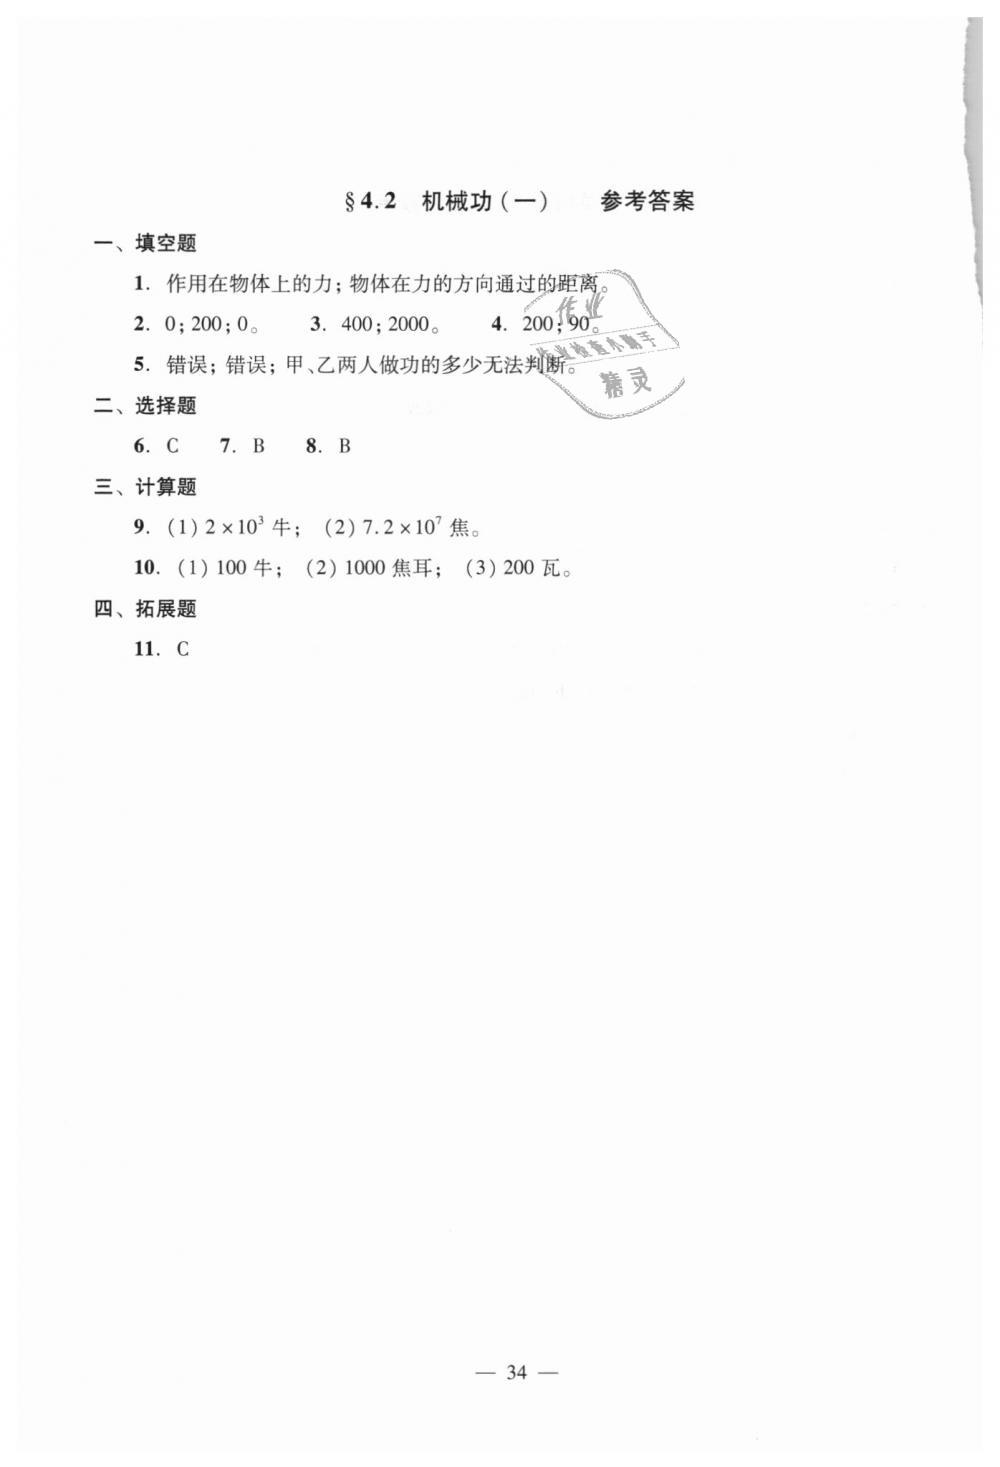 2018年初中物理双基过关堂堂练八年级全一册沪教版第34页